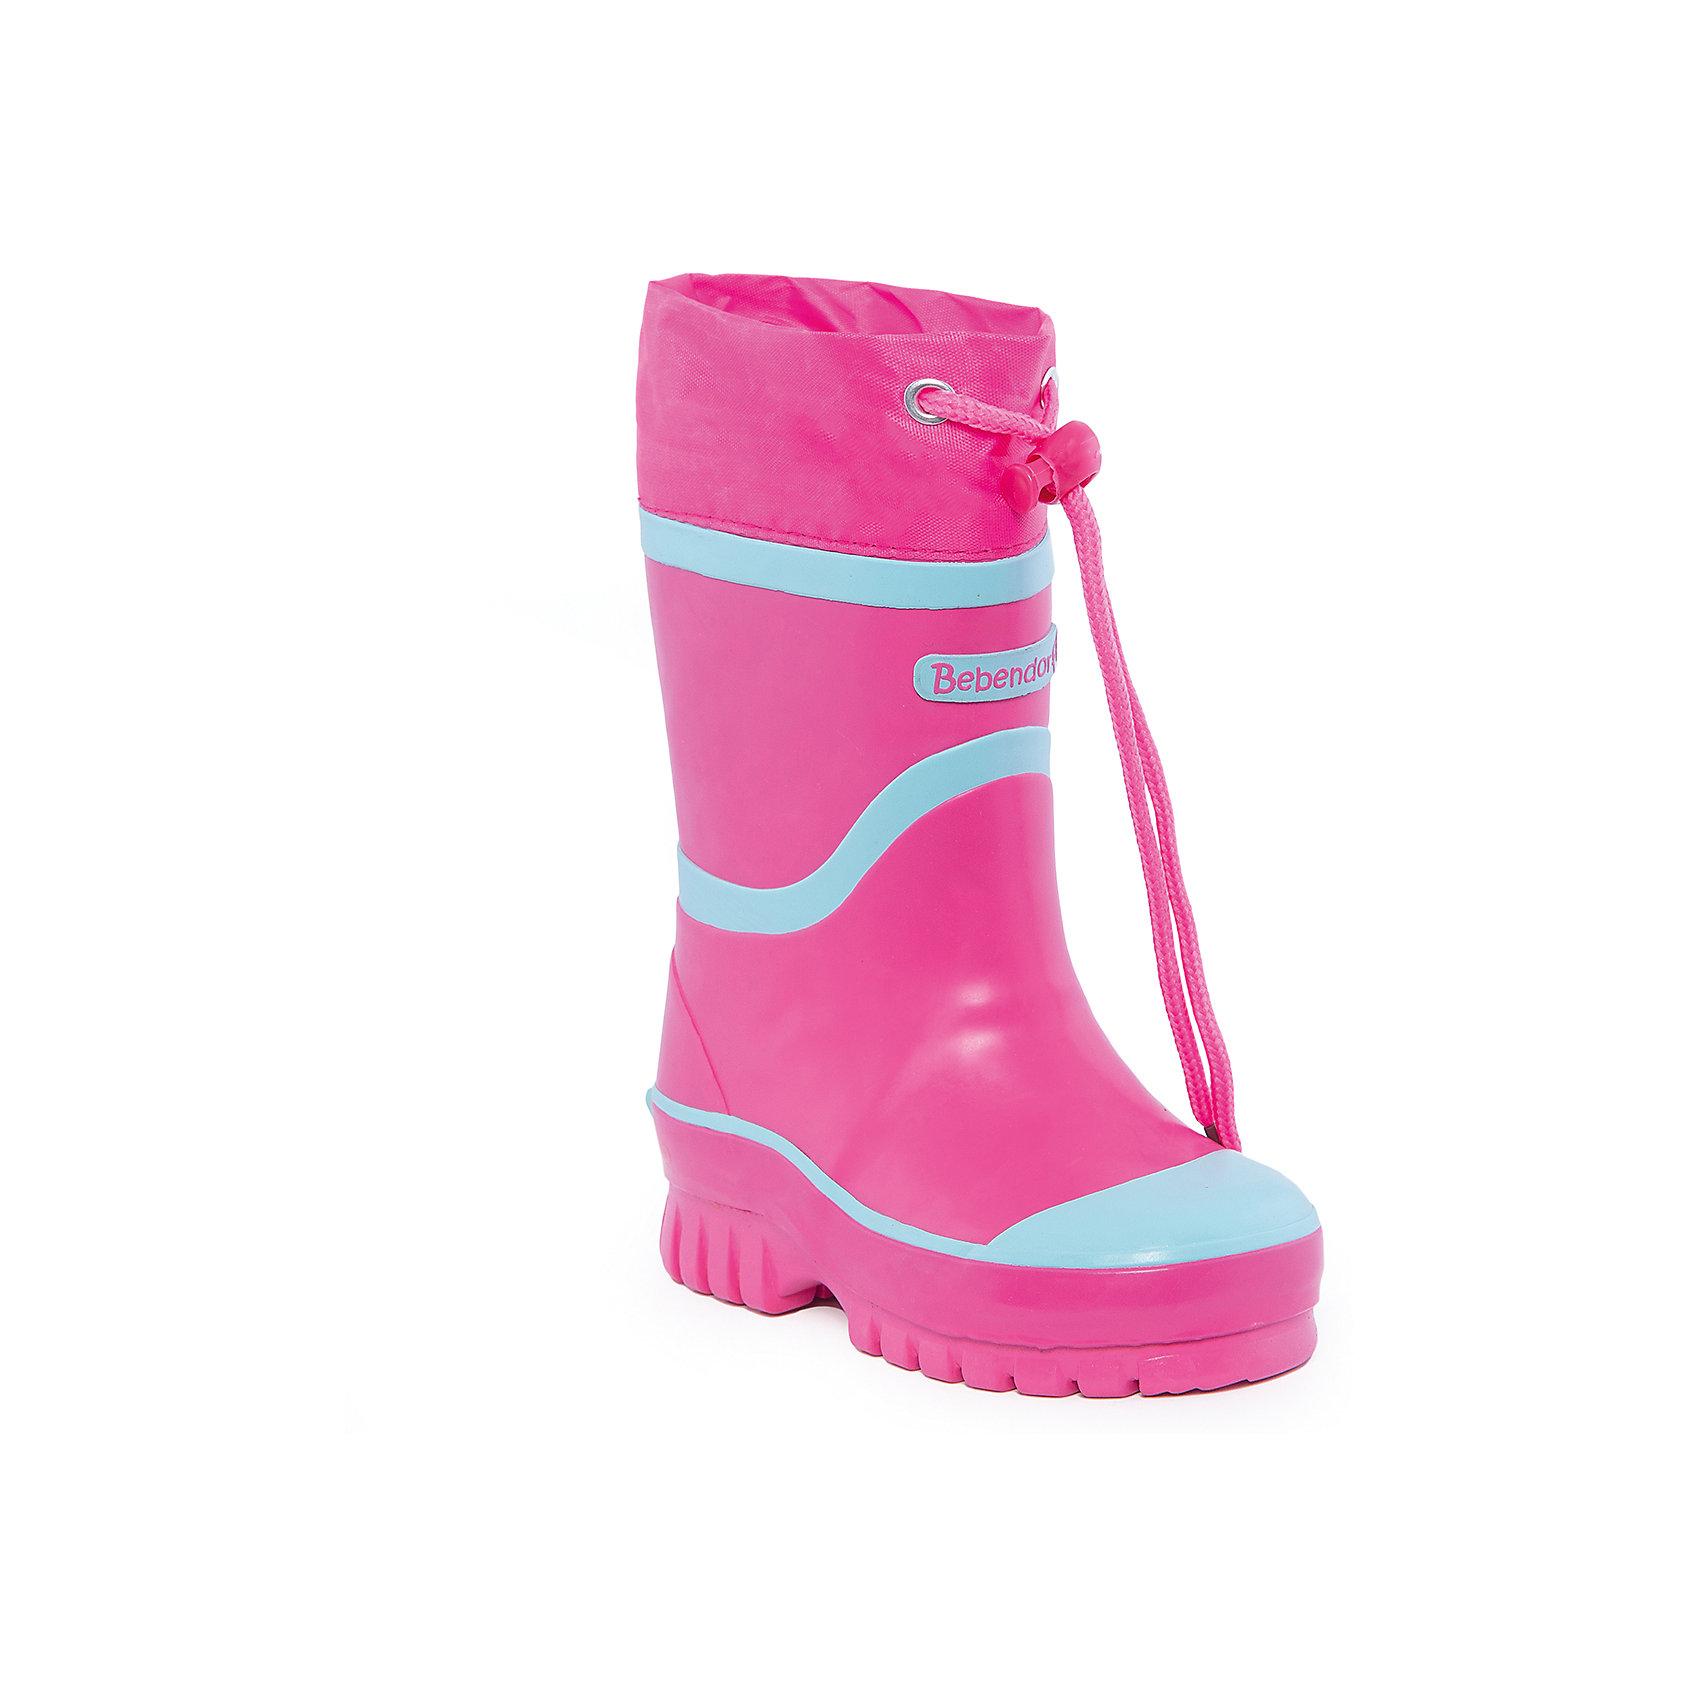 Резиновые сапоги для девочки BebendorffРезиновые сапоги для девочки от известного бренда Bebendorff<br><br>Яркие модные сапоги сделаны из качественной резины. Они позволят защитить ноги ребенка от сырости и холода благодаря шерстяной подкладке. Высокое голенище  с утяжкой защитит одежду от грязи и влаги.<br><br>Отличительные особенности модели:<br><br>- цвет: розовый;<br>- удобная колодка;<br>- утяжка со стоппером на голенище;<br>- качественные материалы;<br>- толстая устойчивая подошва;<br>- теплая подкладка;<br>- декорированы яркими деталями;<br>- подошва рифленая.<br><br>Дополнительная информация:<br><br>Температурный режим: от - 5° С до + 15° С.<br><br>Состав:<br>верх - резина;<br>подкладка - шерсть;<br>стелька - шерсть;<br>подошва - резина.<br><br>Резиновые сапоги для девочки Bebendorff (Бебендорф) можно купить в нашем магазине.<br><br>Ширина мм: 237<br>Глубина мм: 180<br>Высота мм: 152<br>Вес г: 438<br>Цвет: розовый<br>Возраст от месяцев: 36<br>Возраст до месяцев: 48<br>Пол: Женский<br>Возраст: Детский<br>Размер: 25,26,28,27,29<br>SKU: 4554539